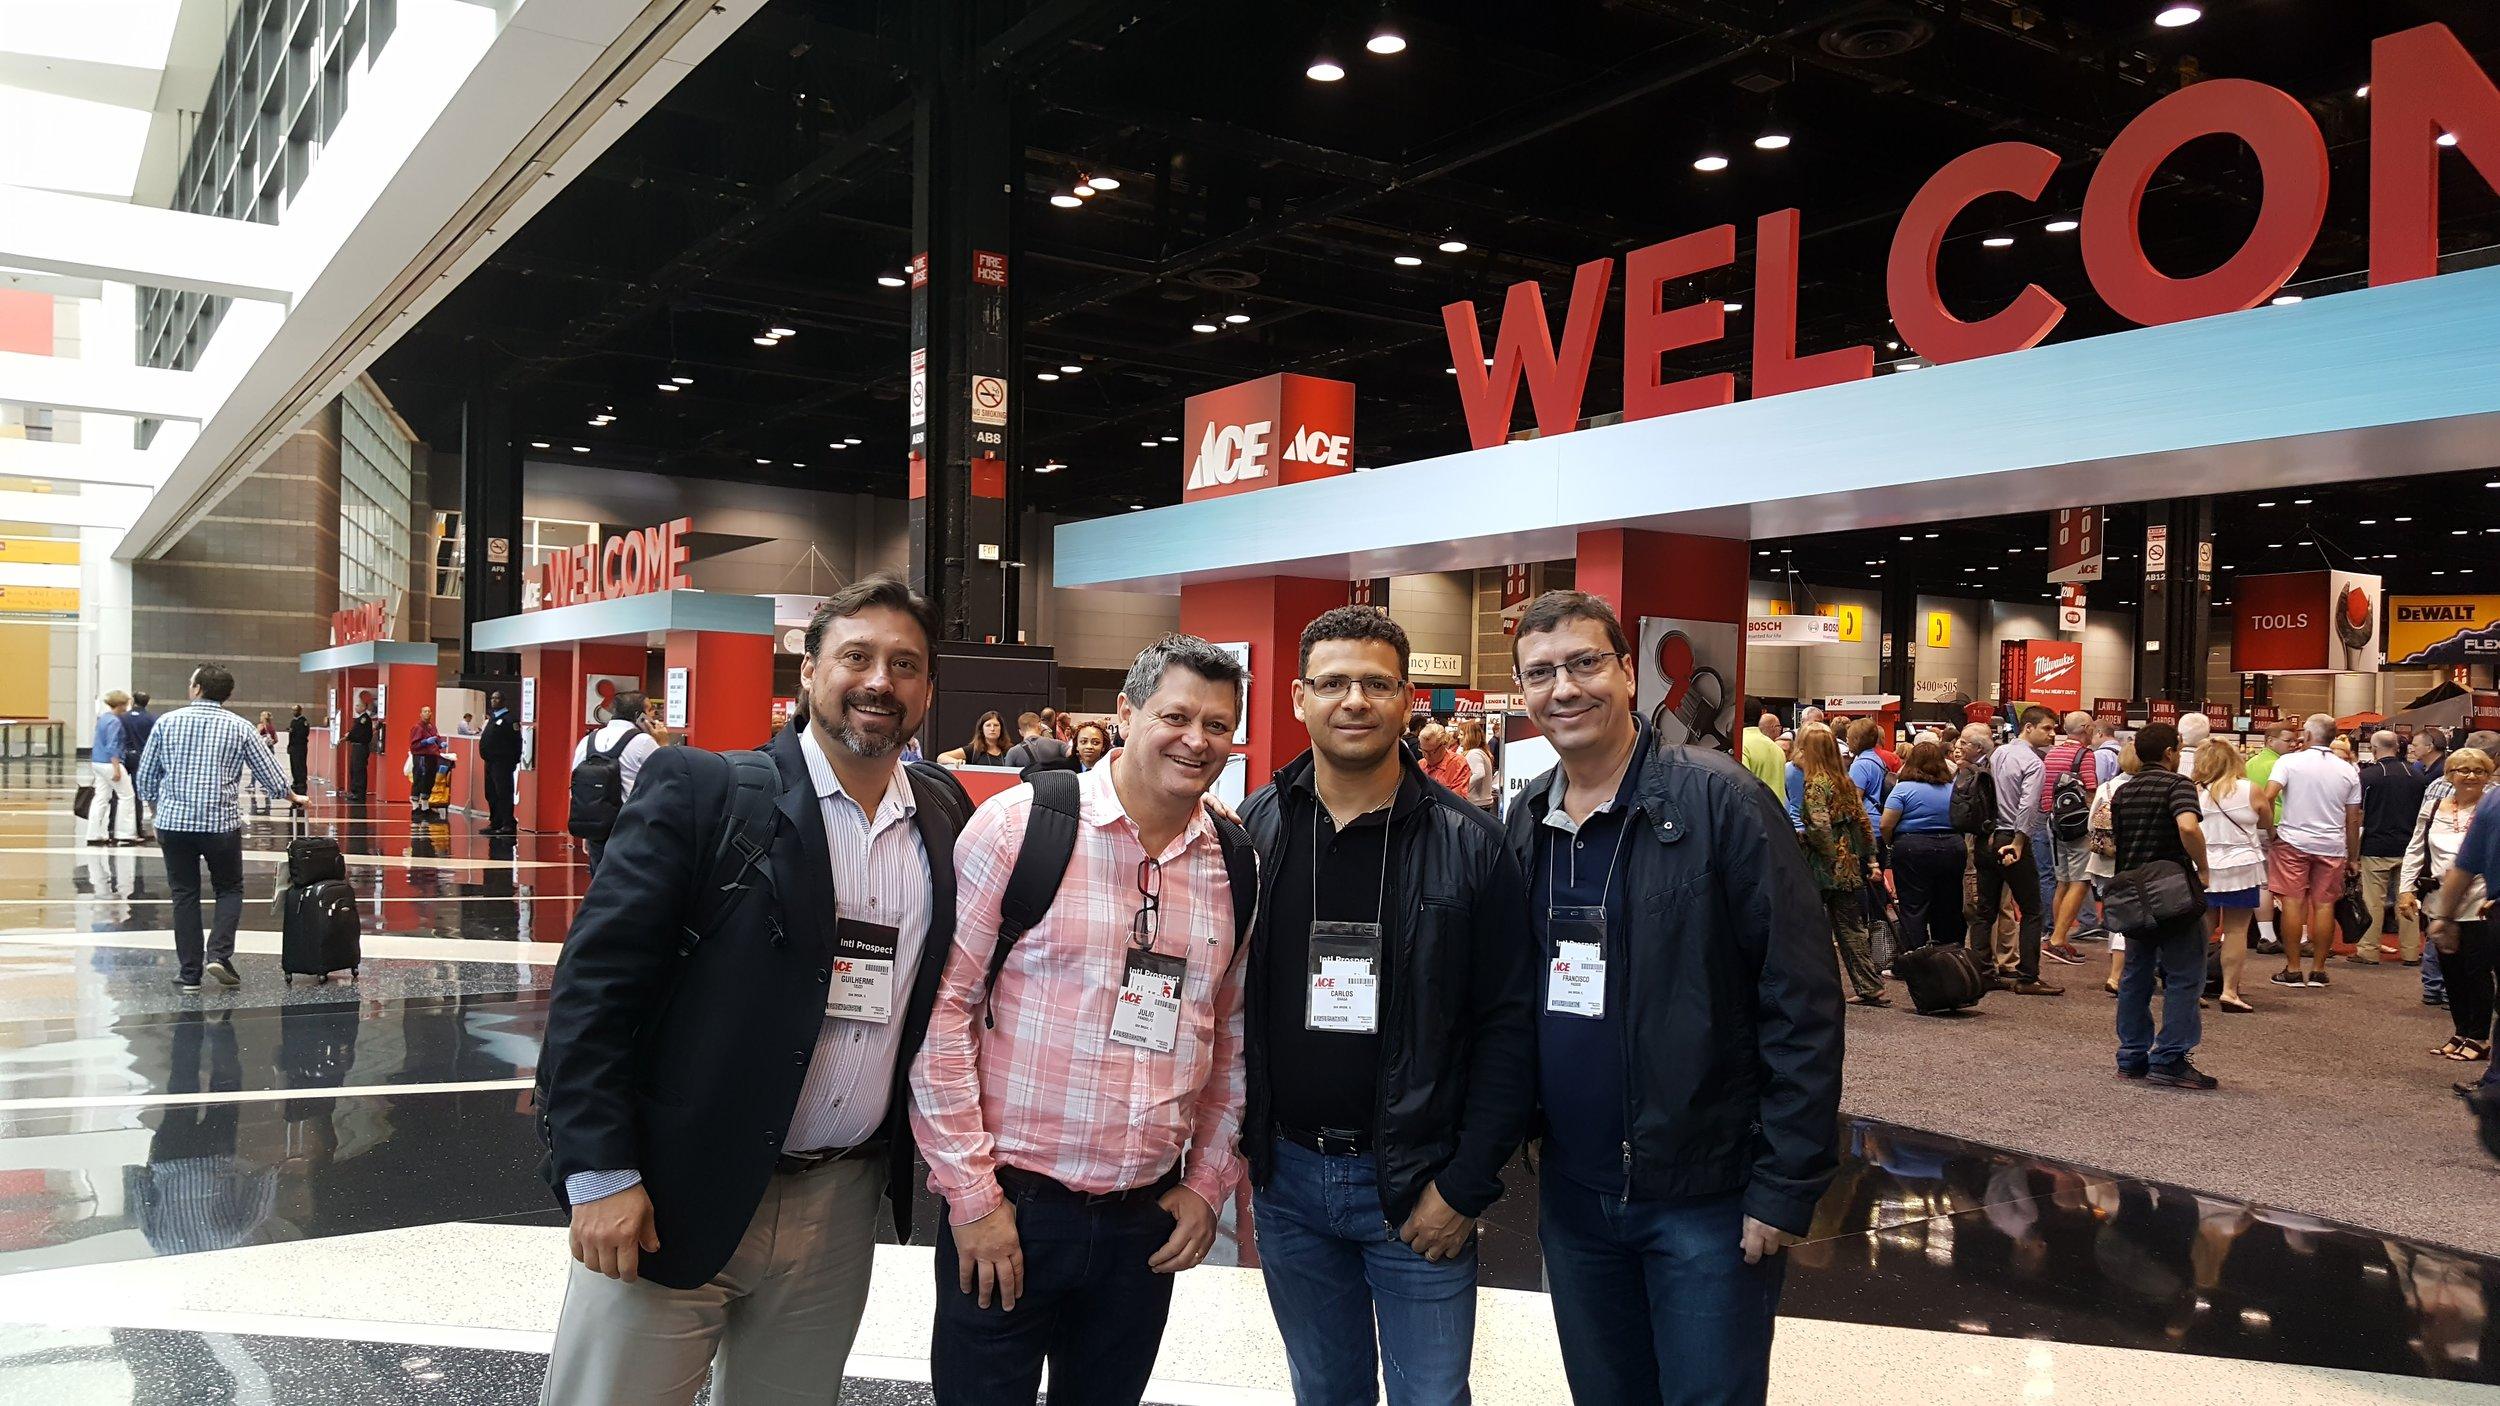 Da esquerda para a direita: Guilherme Tiezzi, Julio Pandolfo, Carlos Braga e Francisco Passos na feira da Ace Hardware